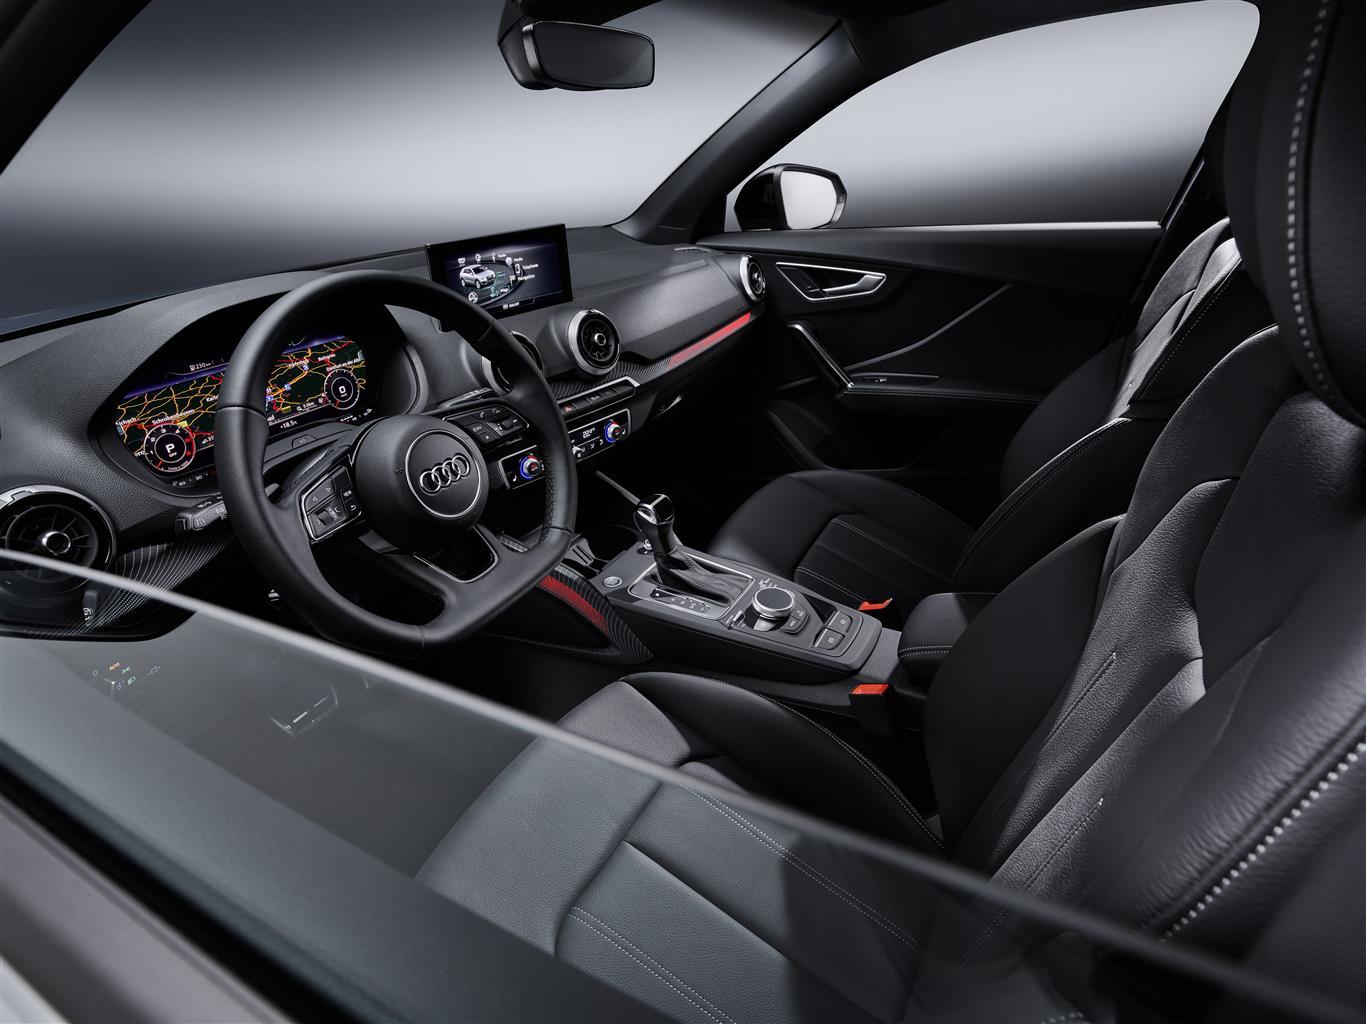 Audi Q2 (09/2020)